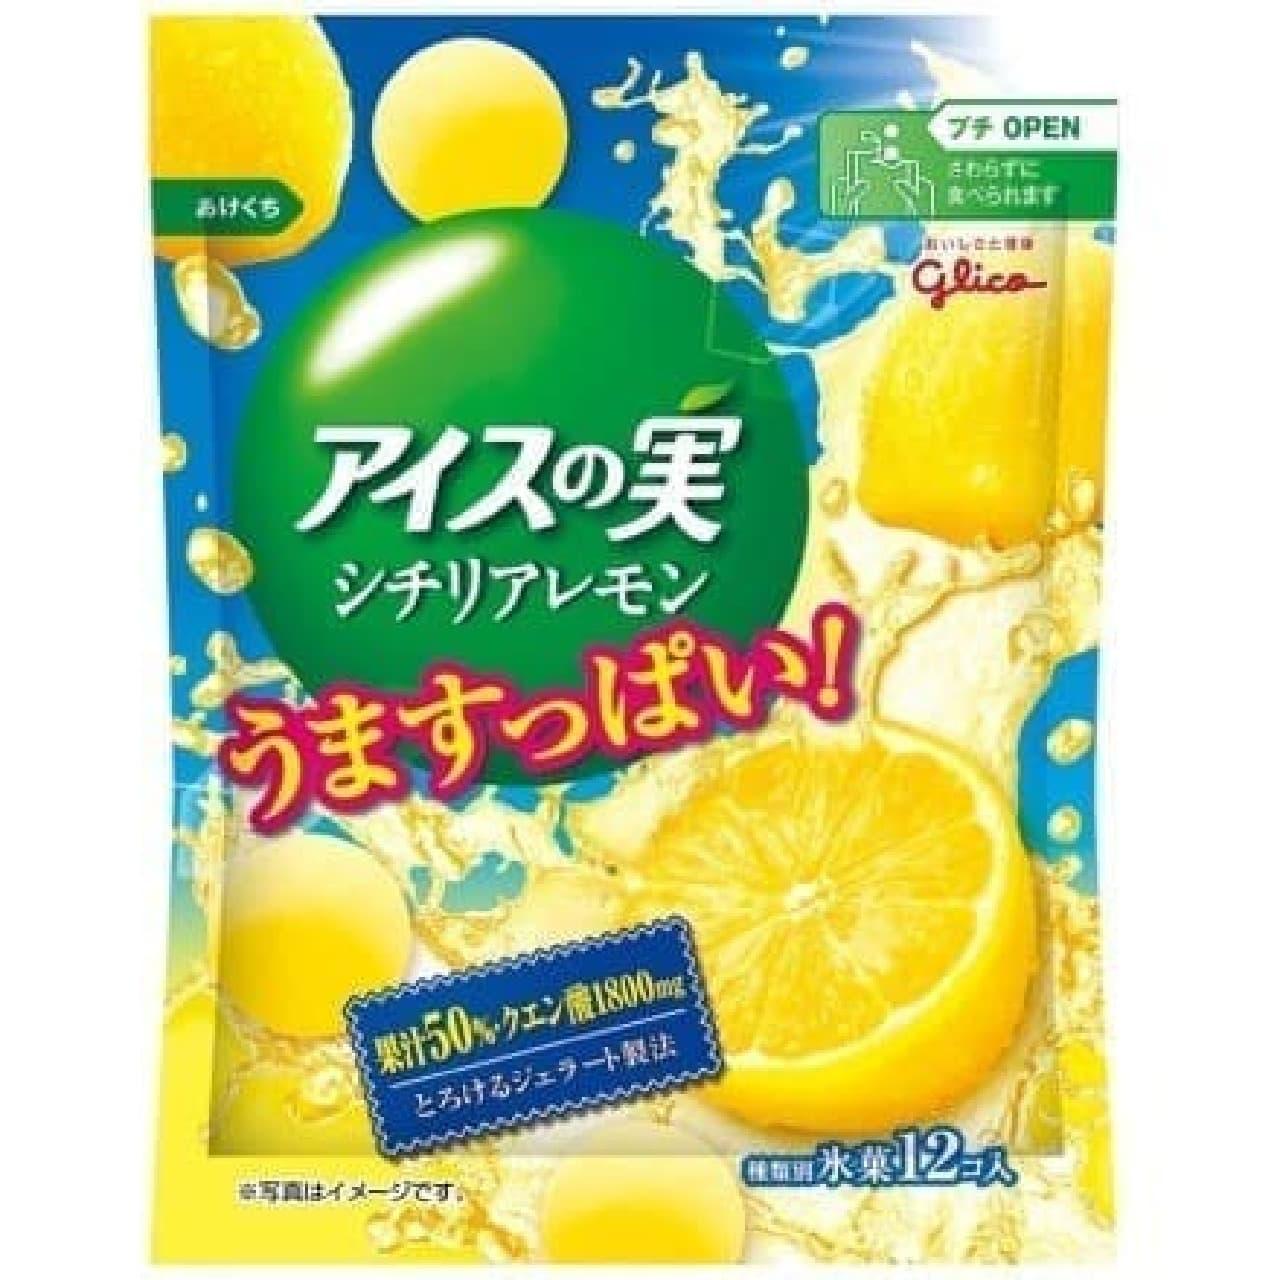 江崎グリコ「アイスの実 うますっぱい!シチリアレモン」